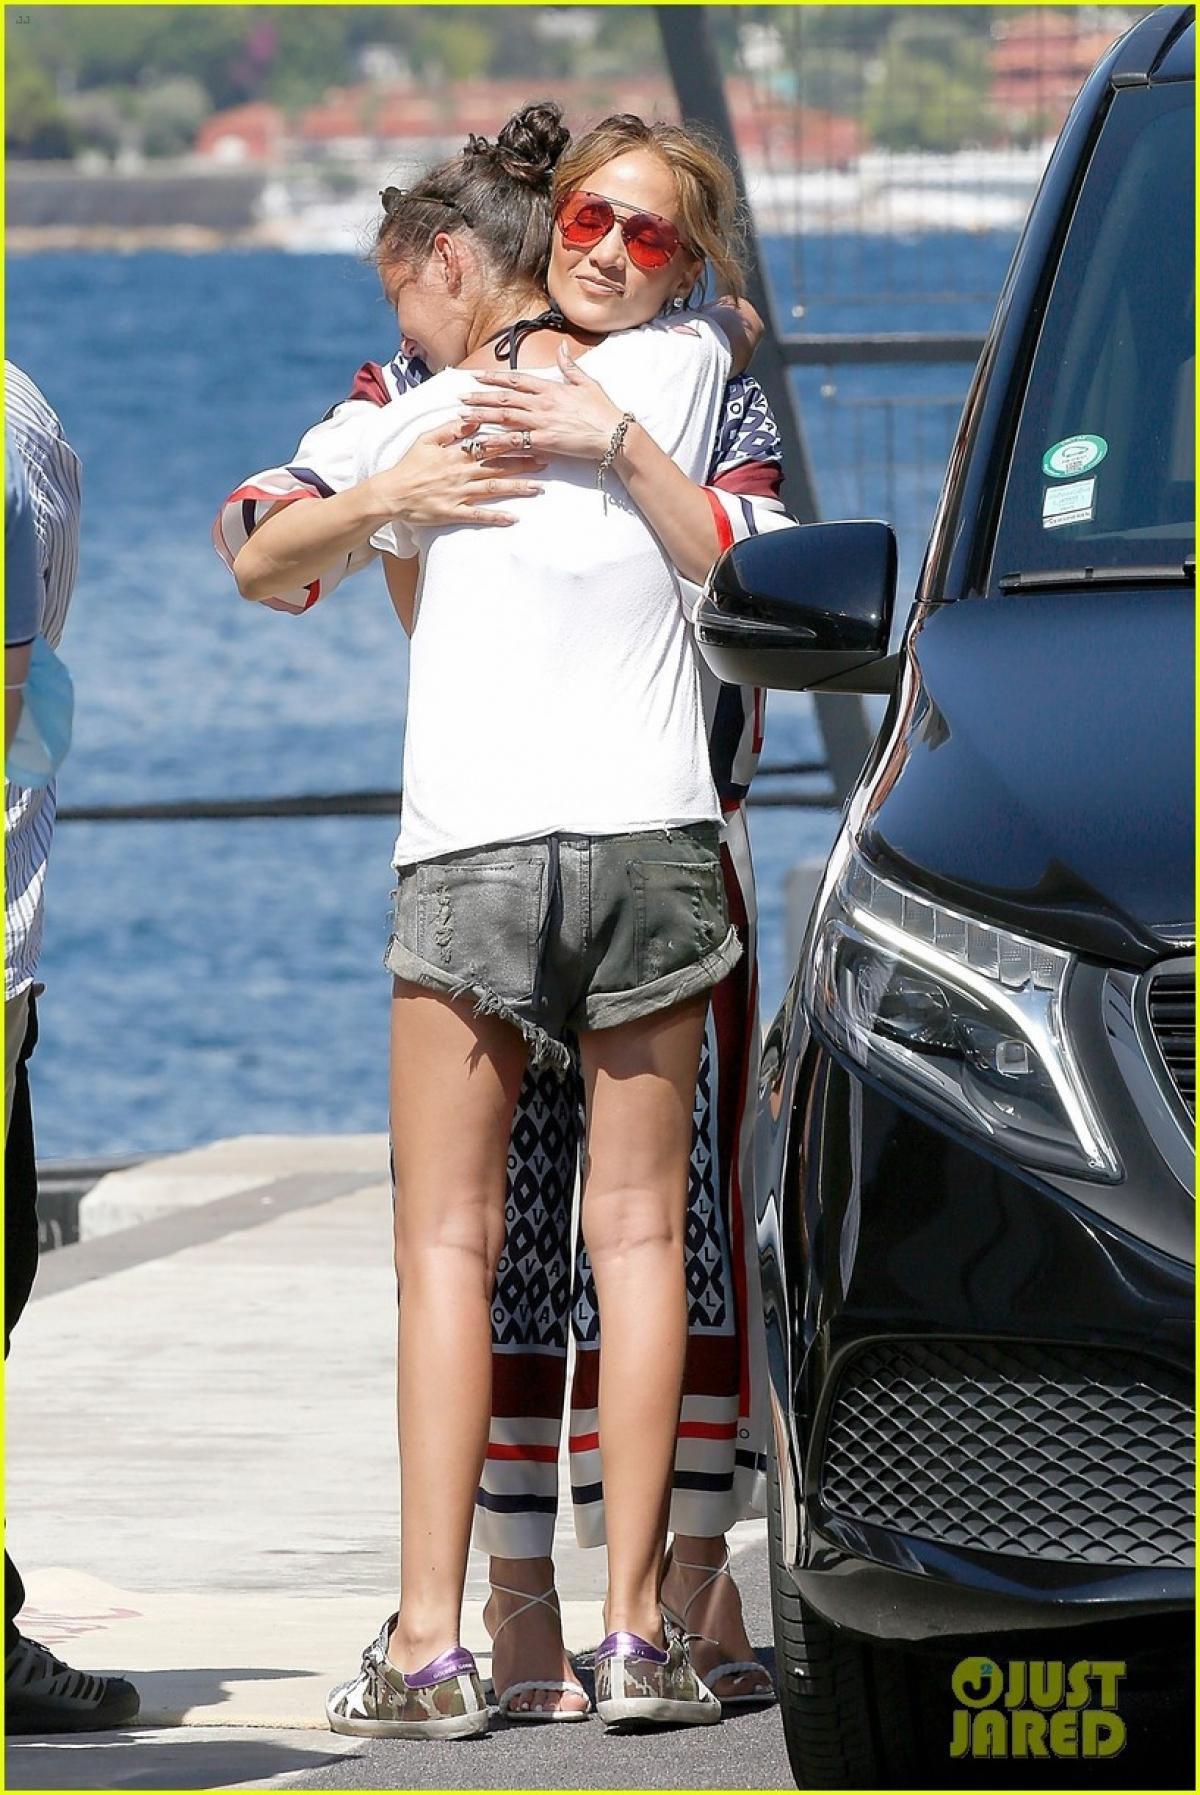 Nữ ca sĩ ôm tạm biệt một fan hâm mộ ngay trên du thuyền sang trọng.